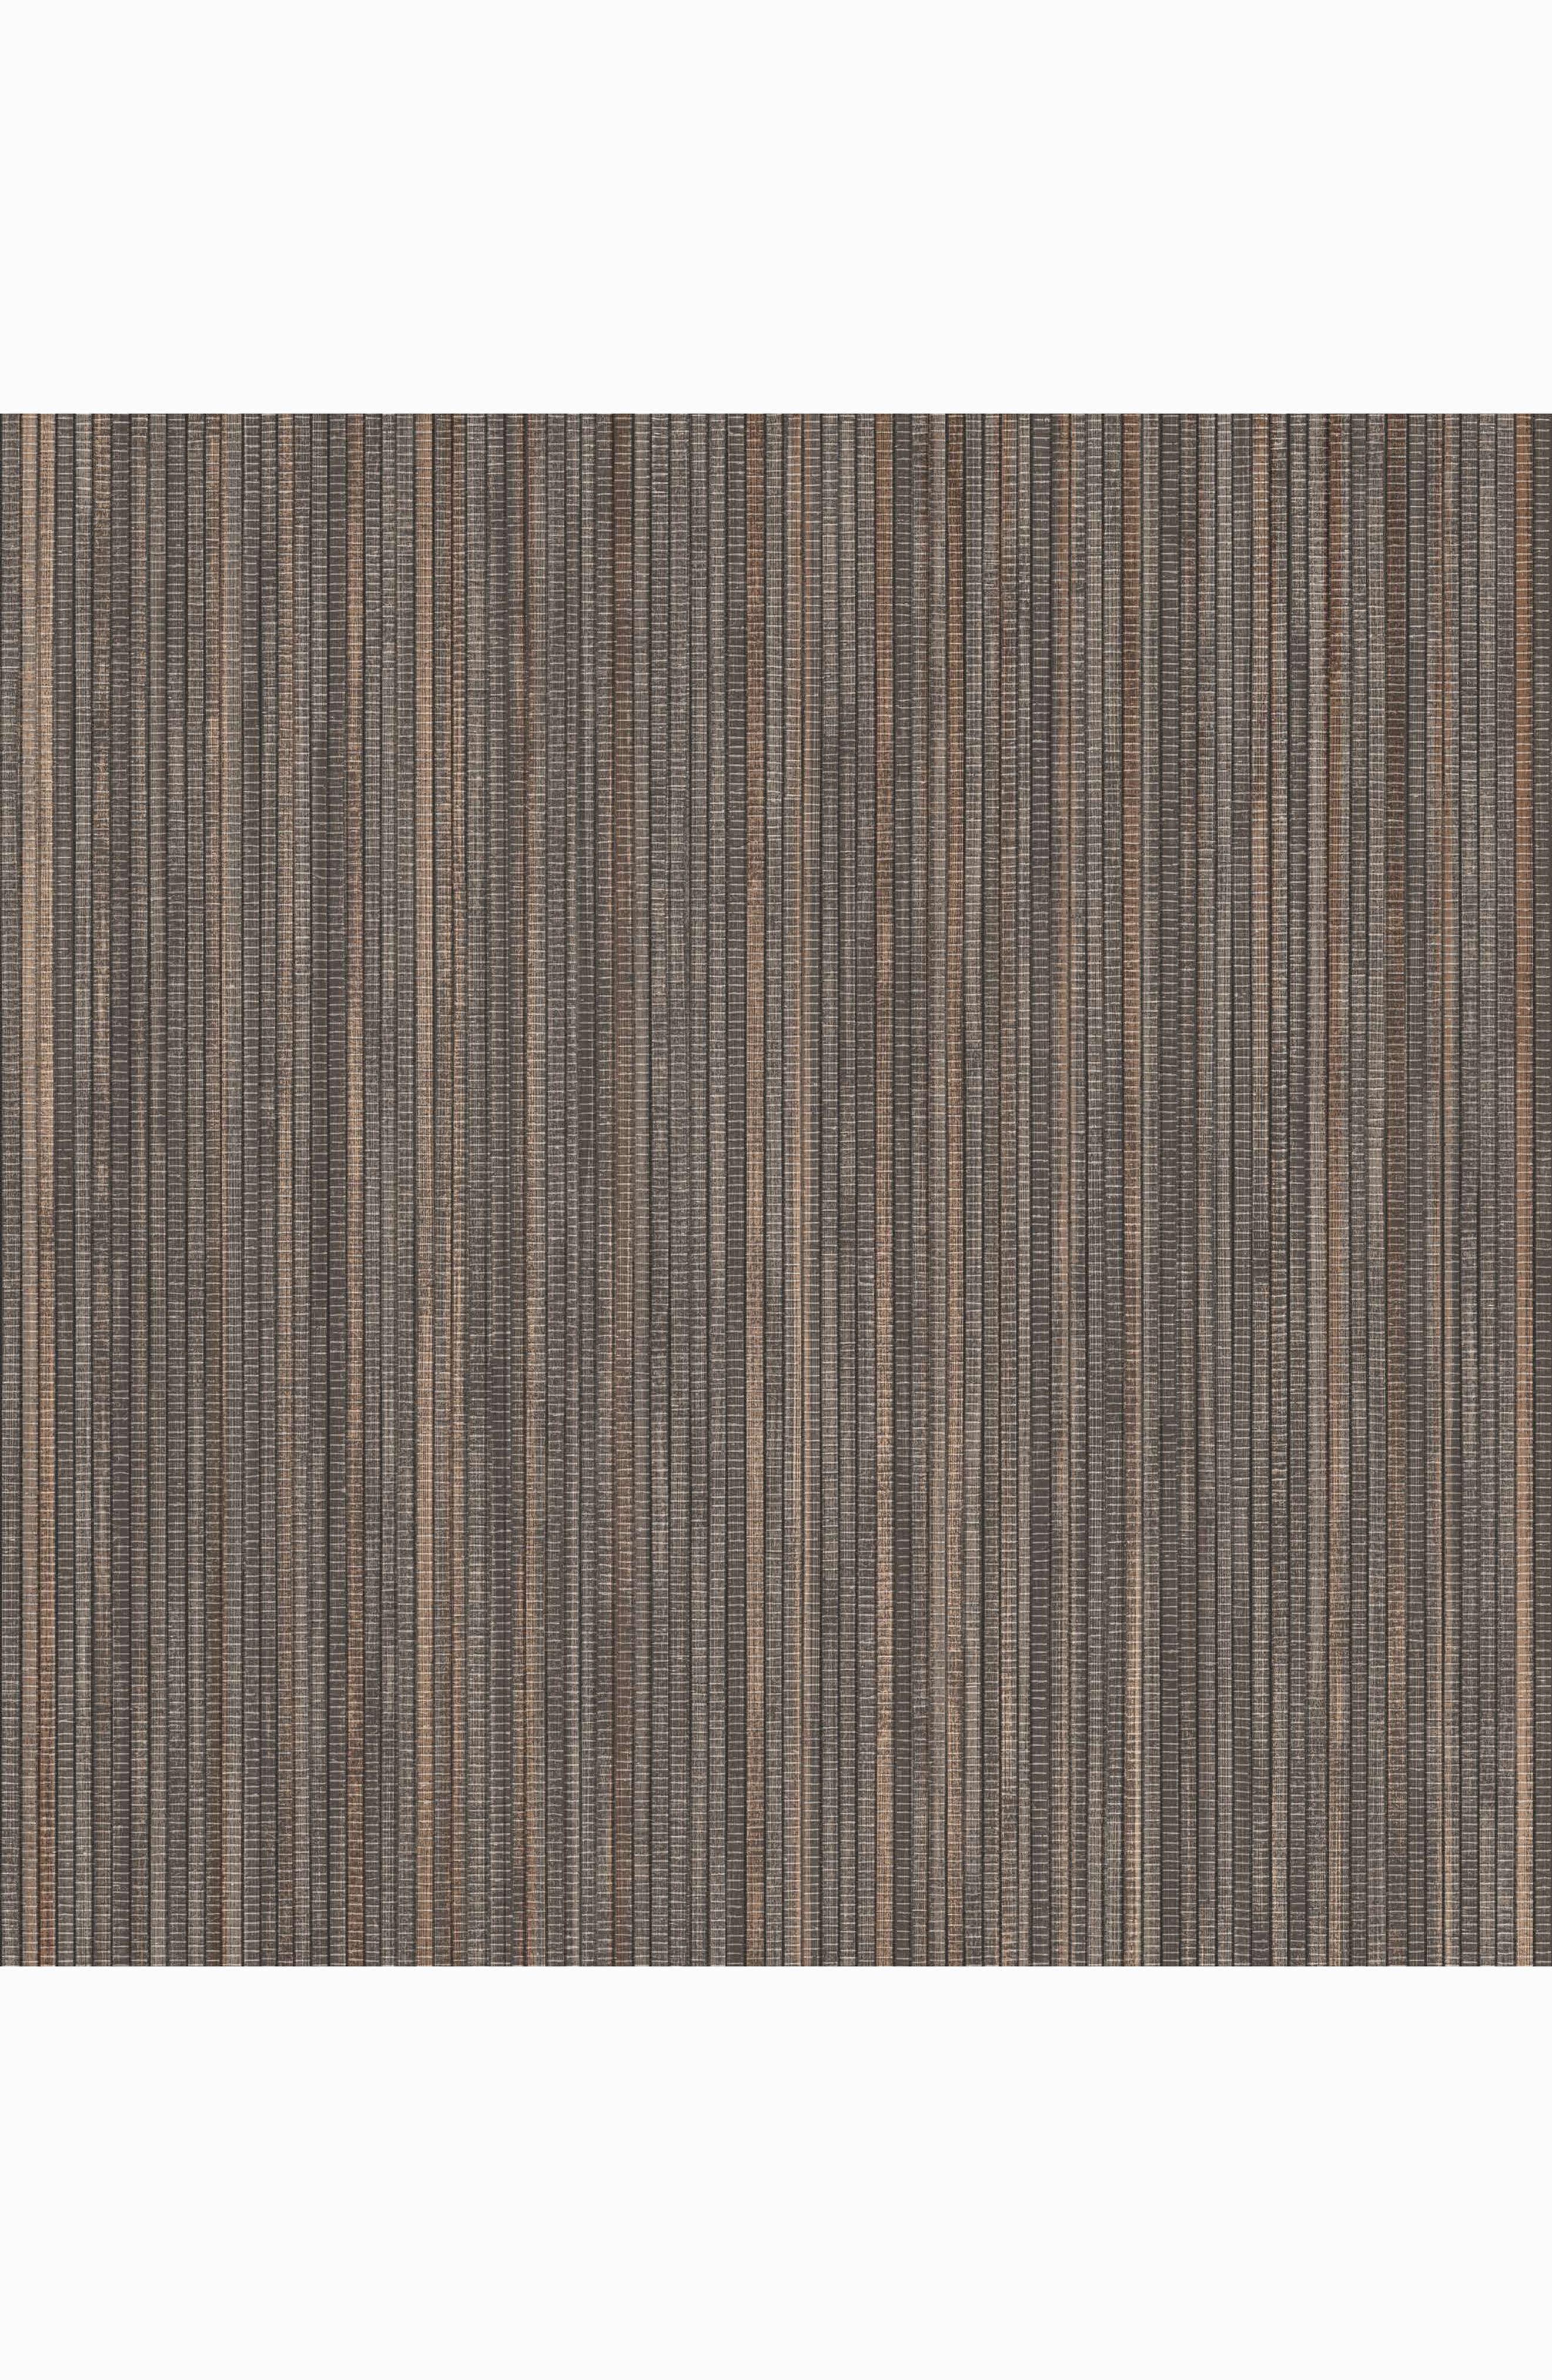 Main Image - Tempaper Grasscloth Self-Adhesive Vinyl Wallpaper